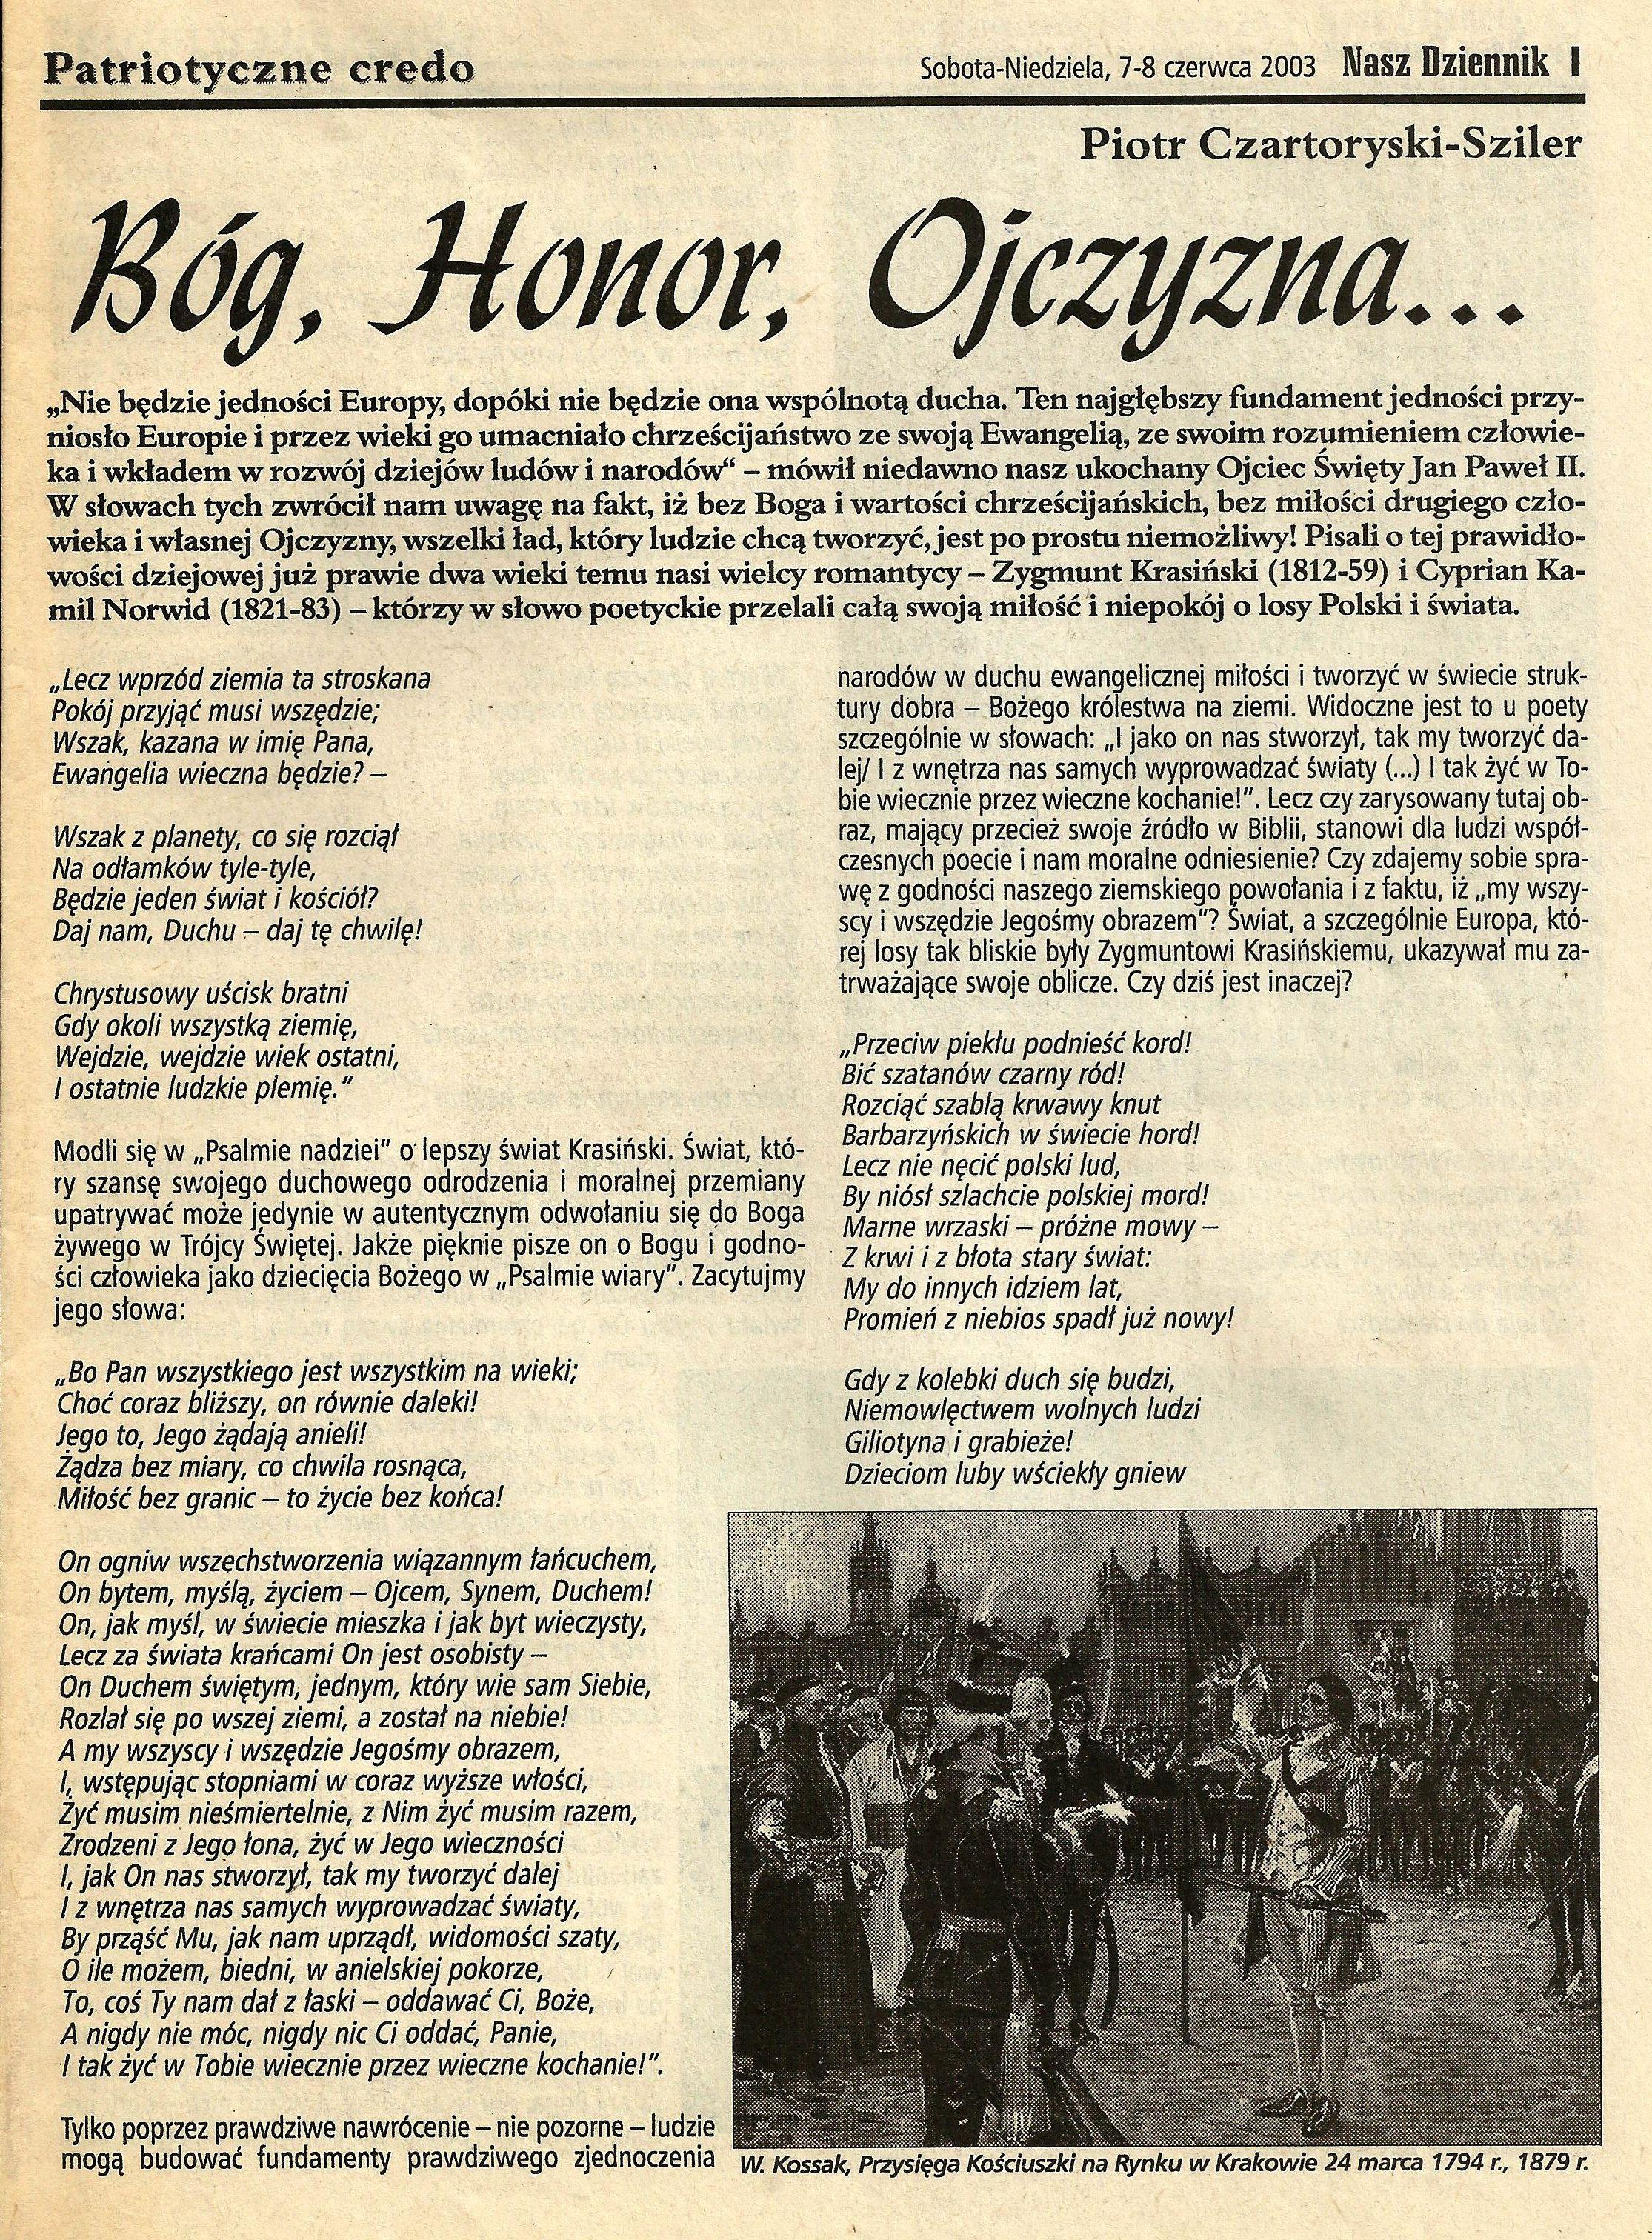 Przysięga Kościuszki